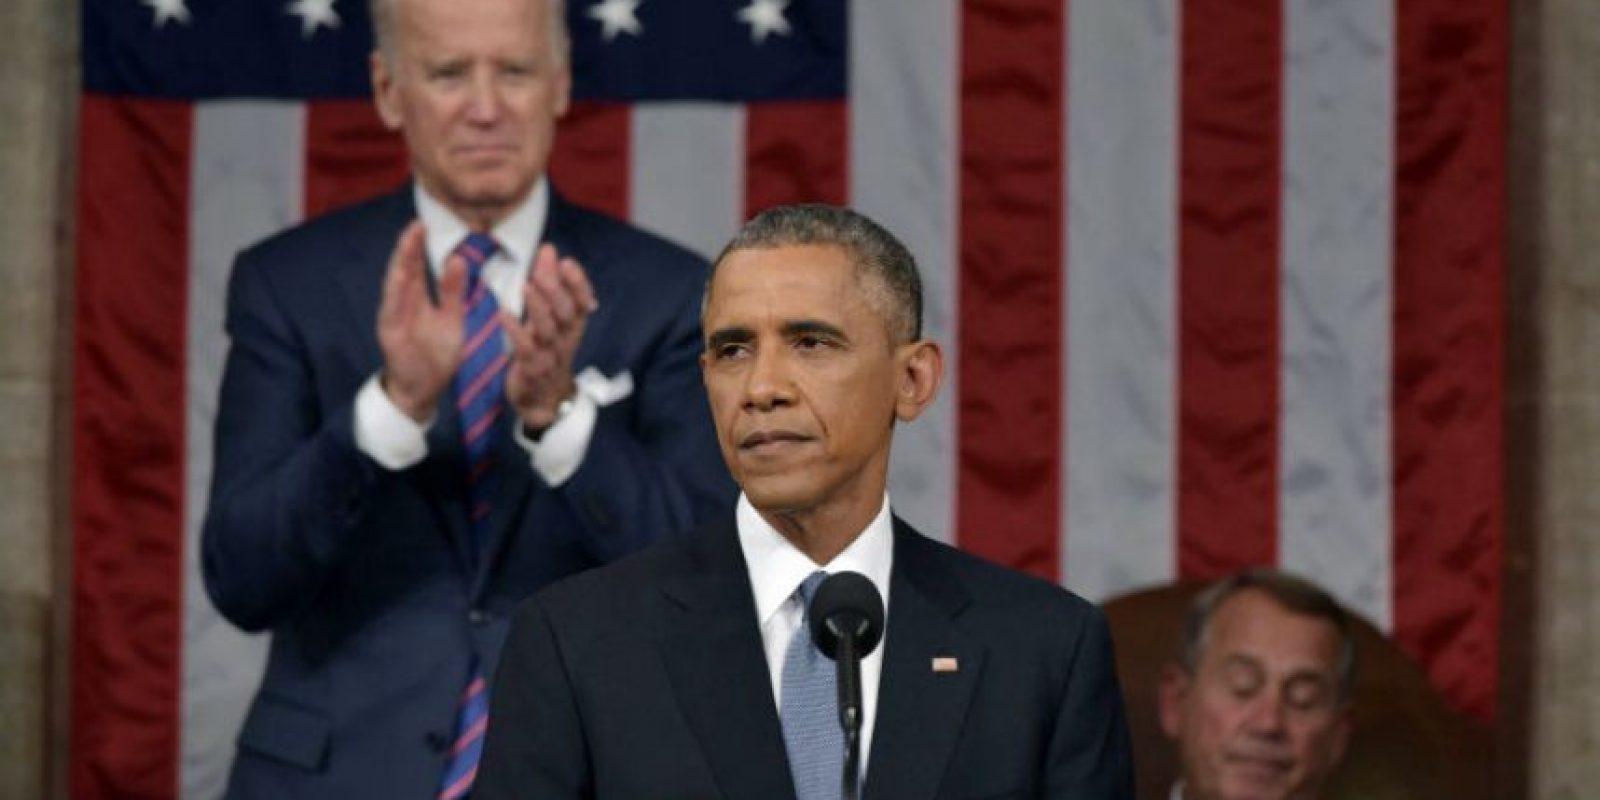 La administración Obama dio el paso histórico con el que dejo atrás 35 años de hielo con Irán. Foto:Getty Images. Imagen Por: